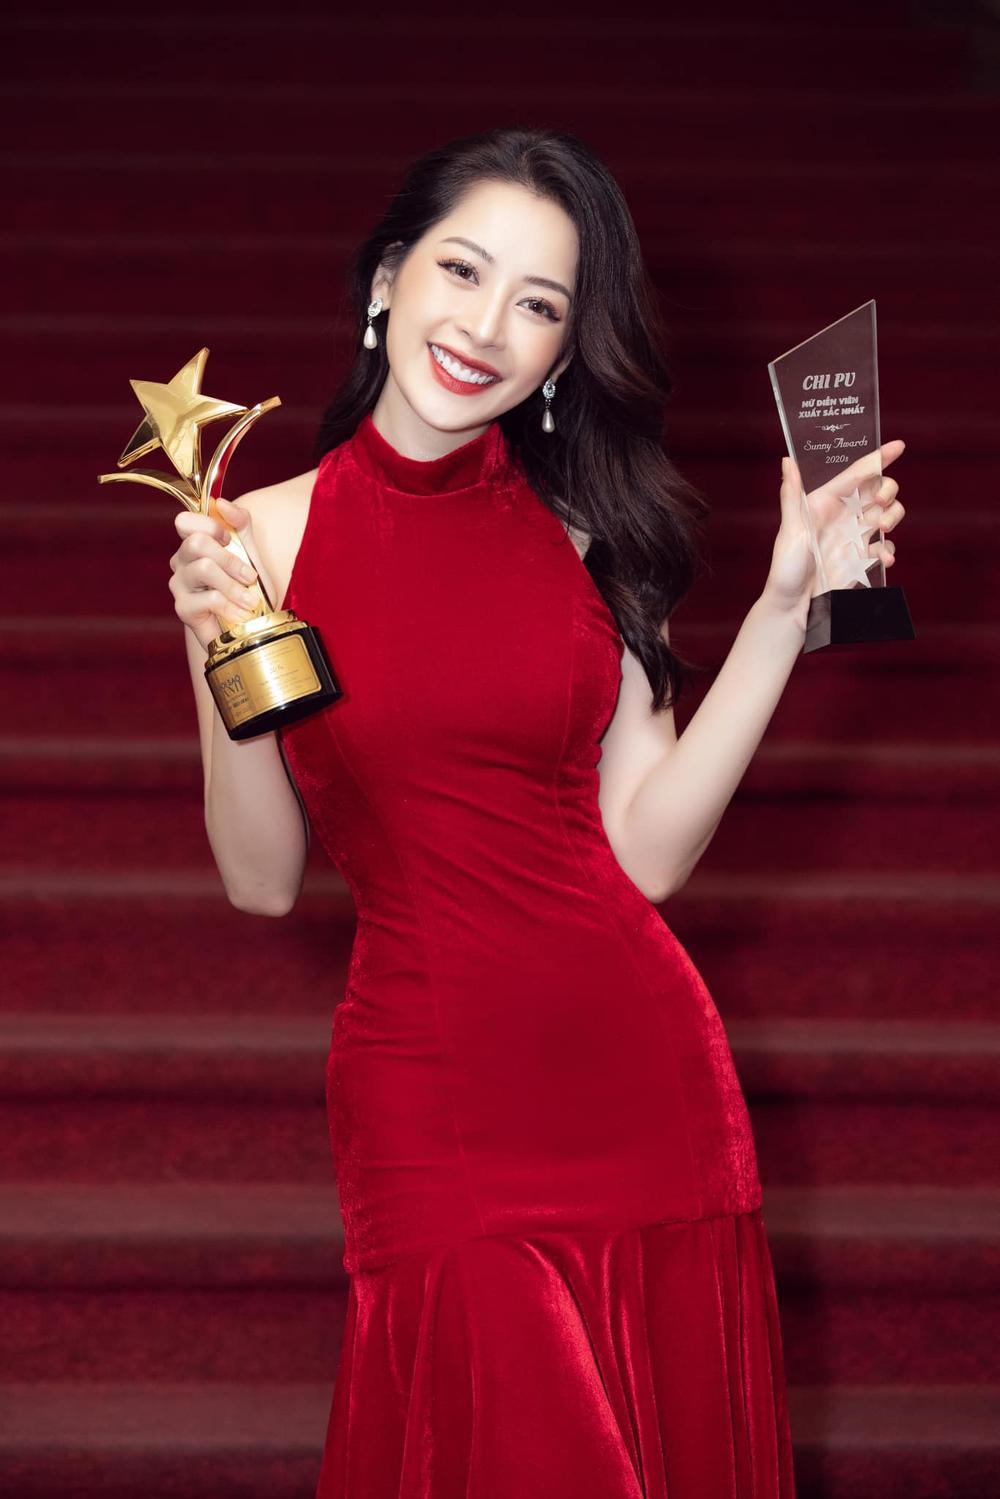 Chi Pu nhận giải Ngôi sao xanh, fan khuyên nên làm diễn viên đừng làm ca sĩ Ảnh 2